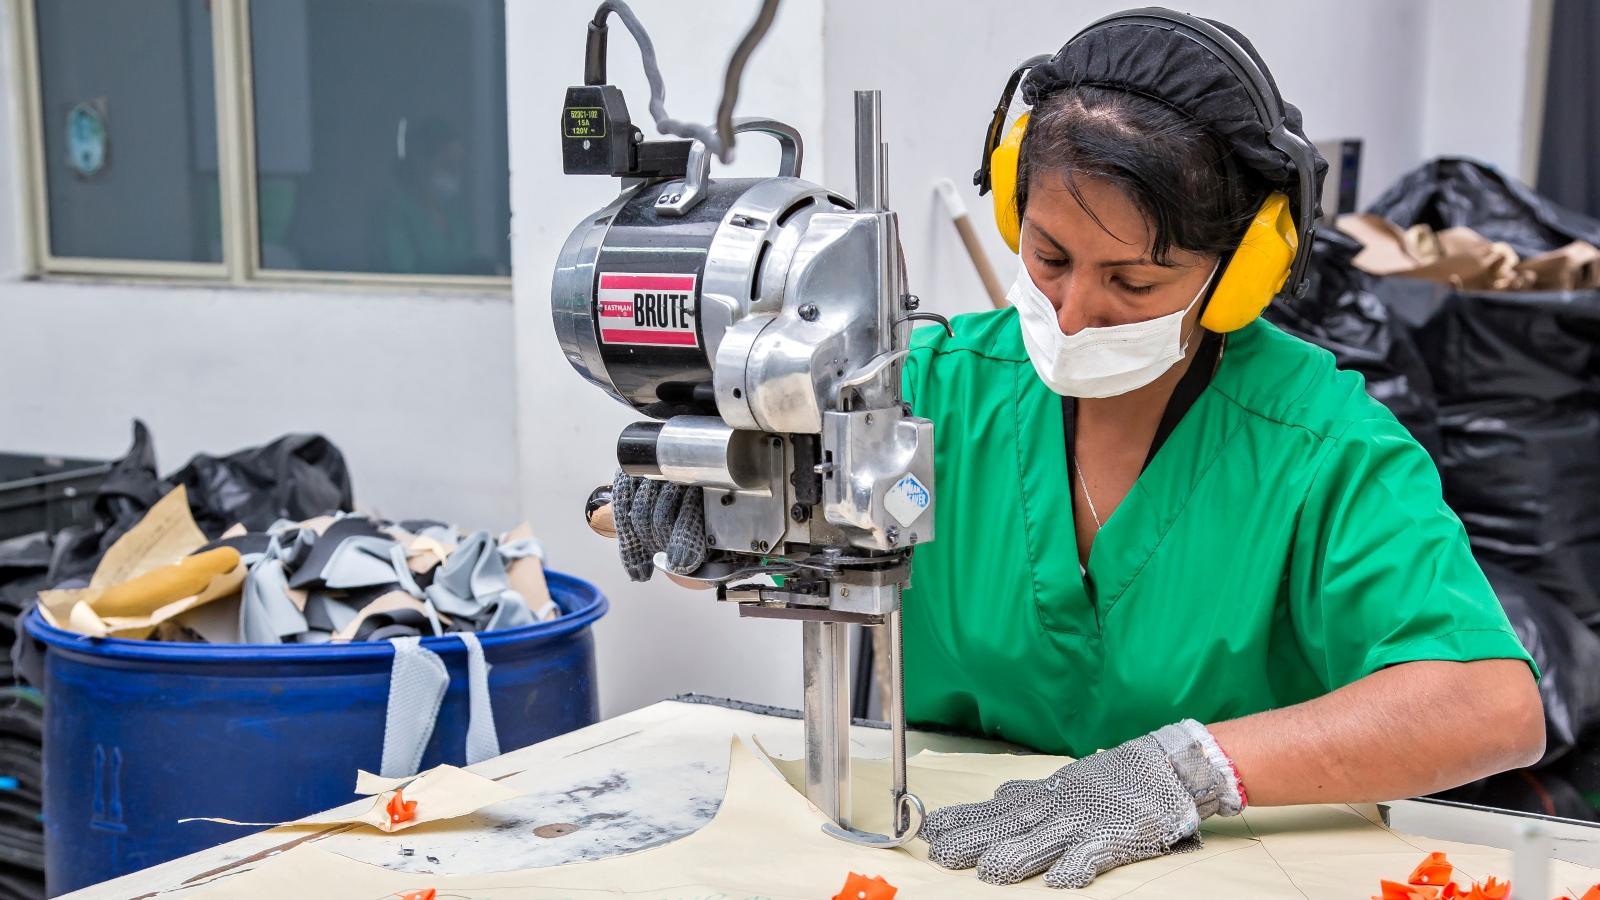 El 96 por ciento de las empresas venezolanas paralizó o redujo su producción en 2019